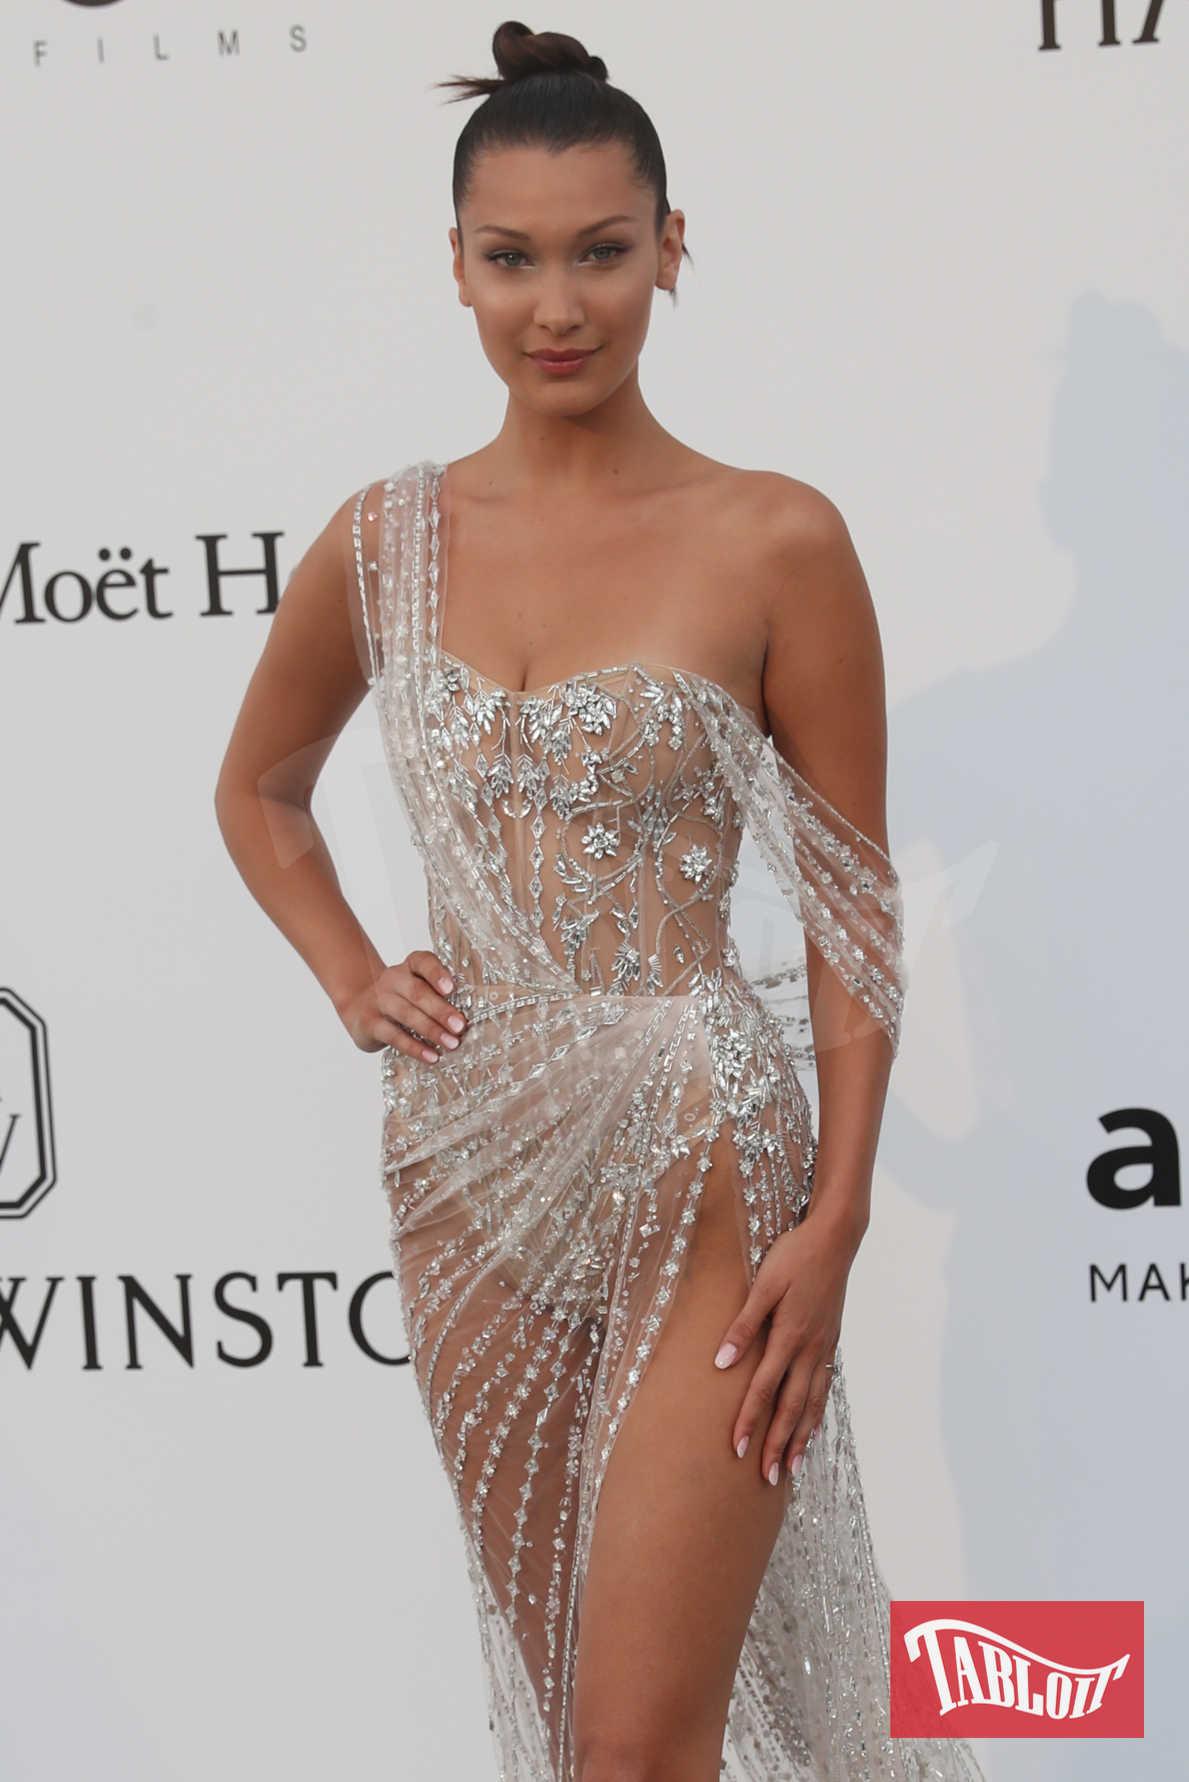 Bella Hadid all'amfAR Gala di Cannes a maggio. The Weeknd è stato visto recentemente uscire dall'appartamento newyorkese di Yolanda Hadid, mamma di Bella